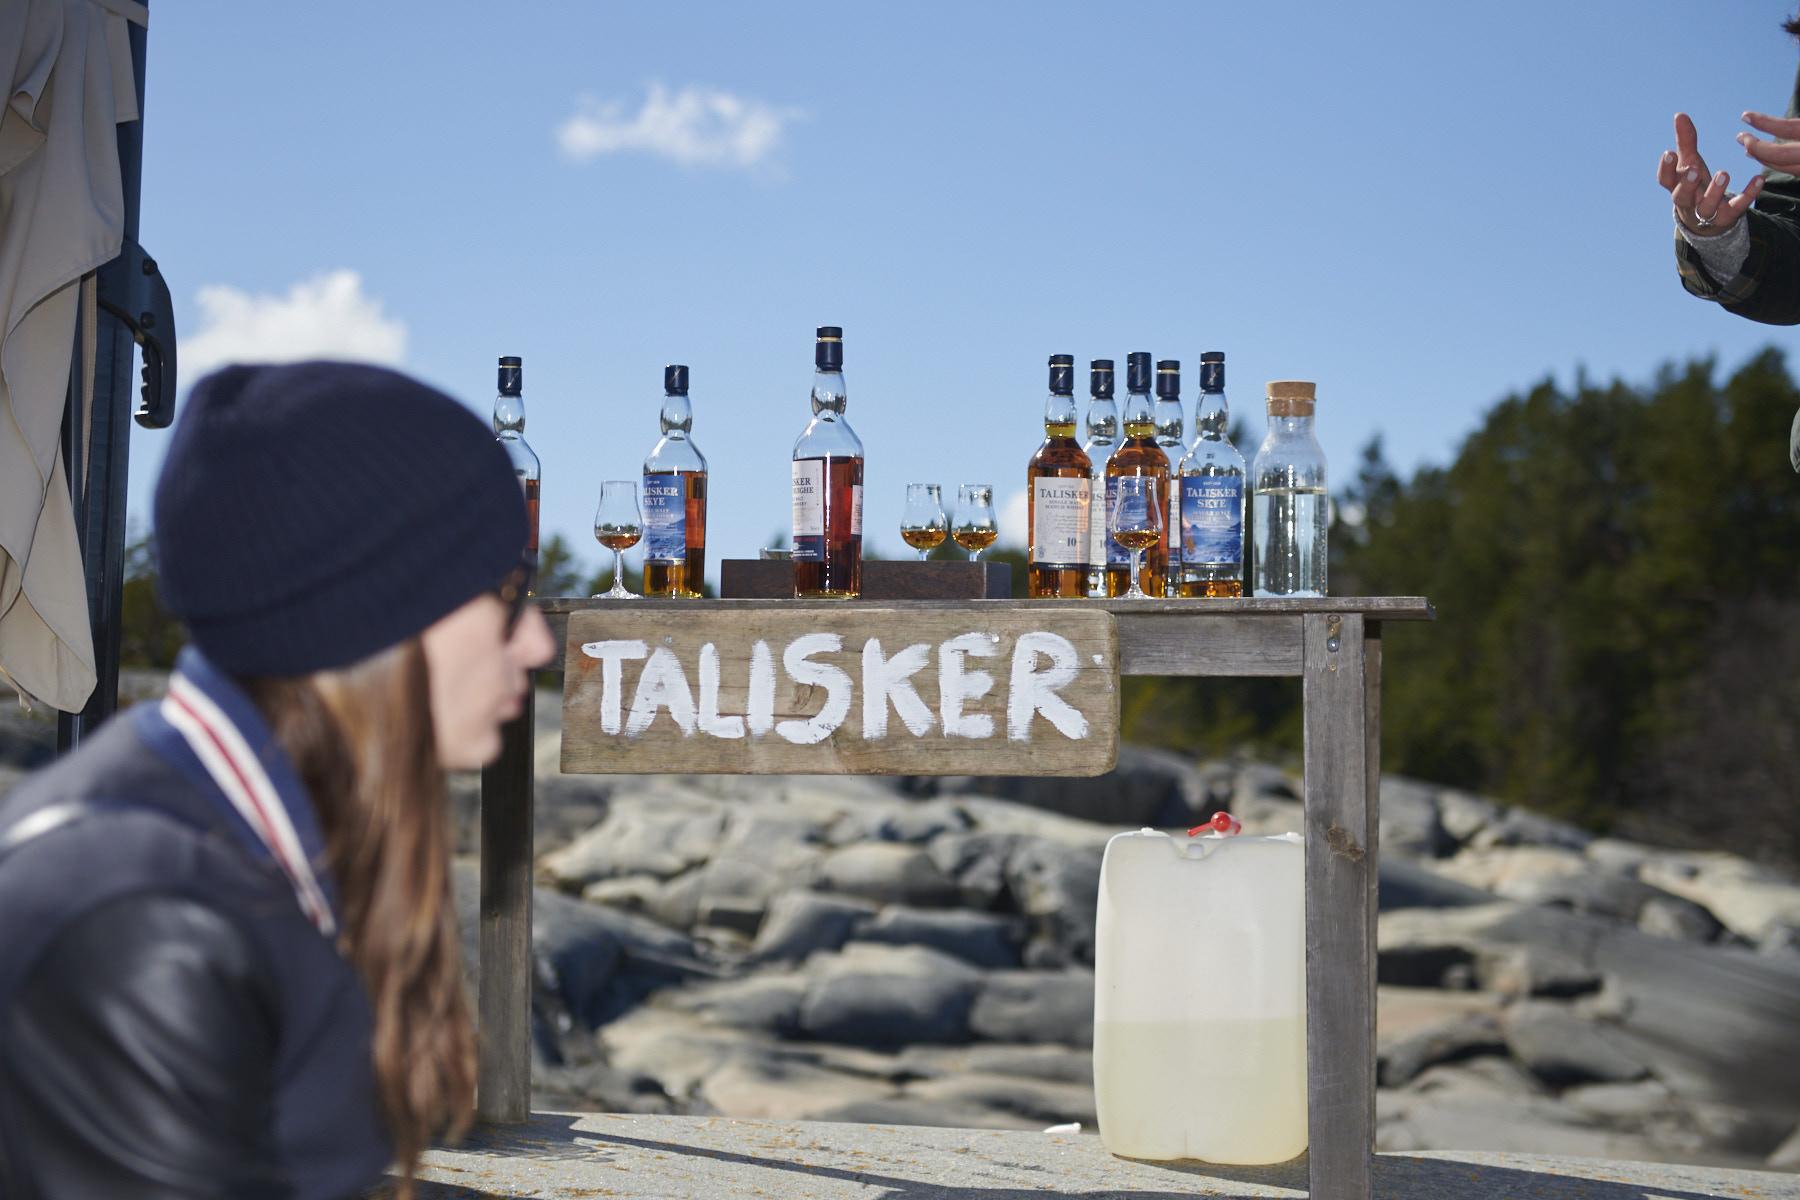 20180425-Talisker-0231.jpg